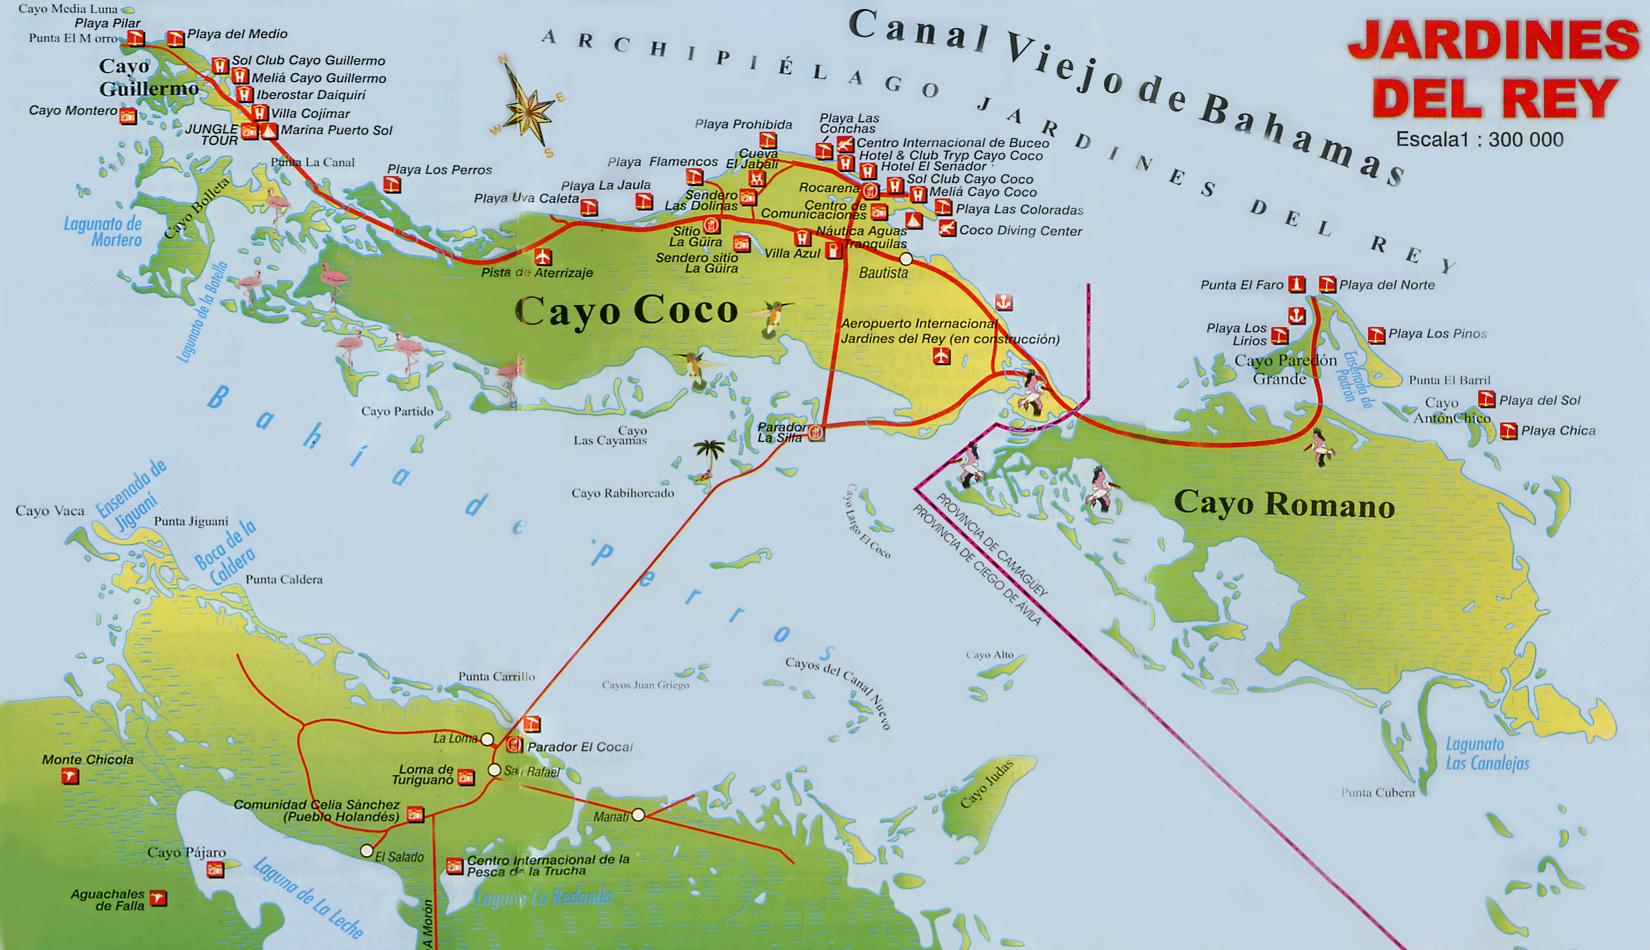 jardines del rey cuba vacations cayo coco cayo